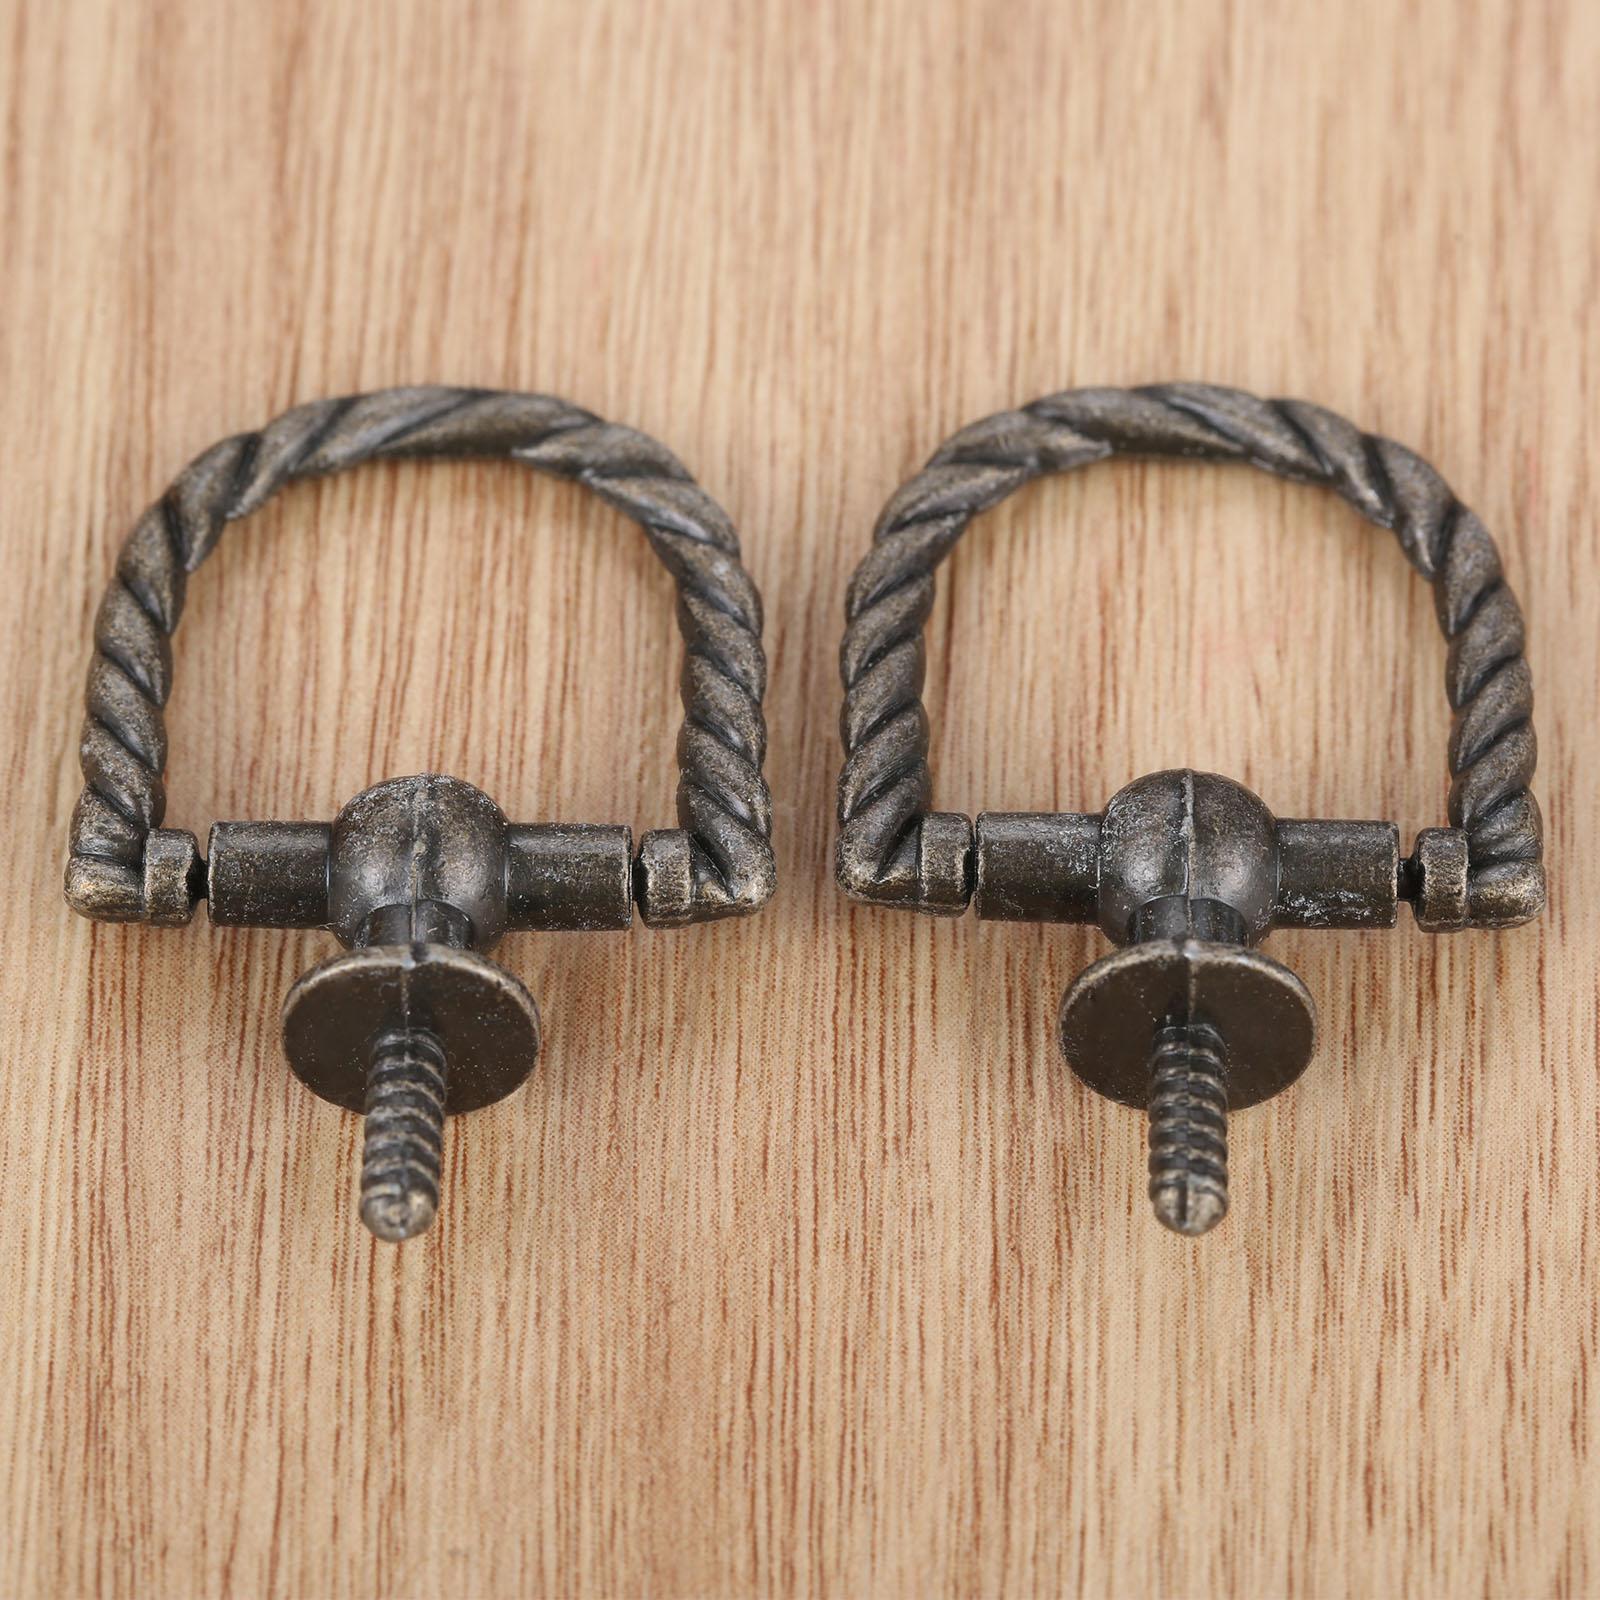 Perillas de gabinete de manija antigua joyero cajón armario aleación tiradores tornillos autorroscantes accesorios de muebles Vintage